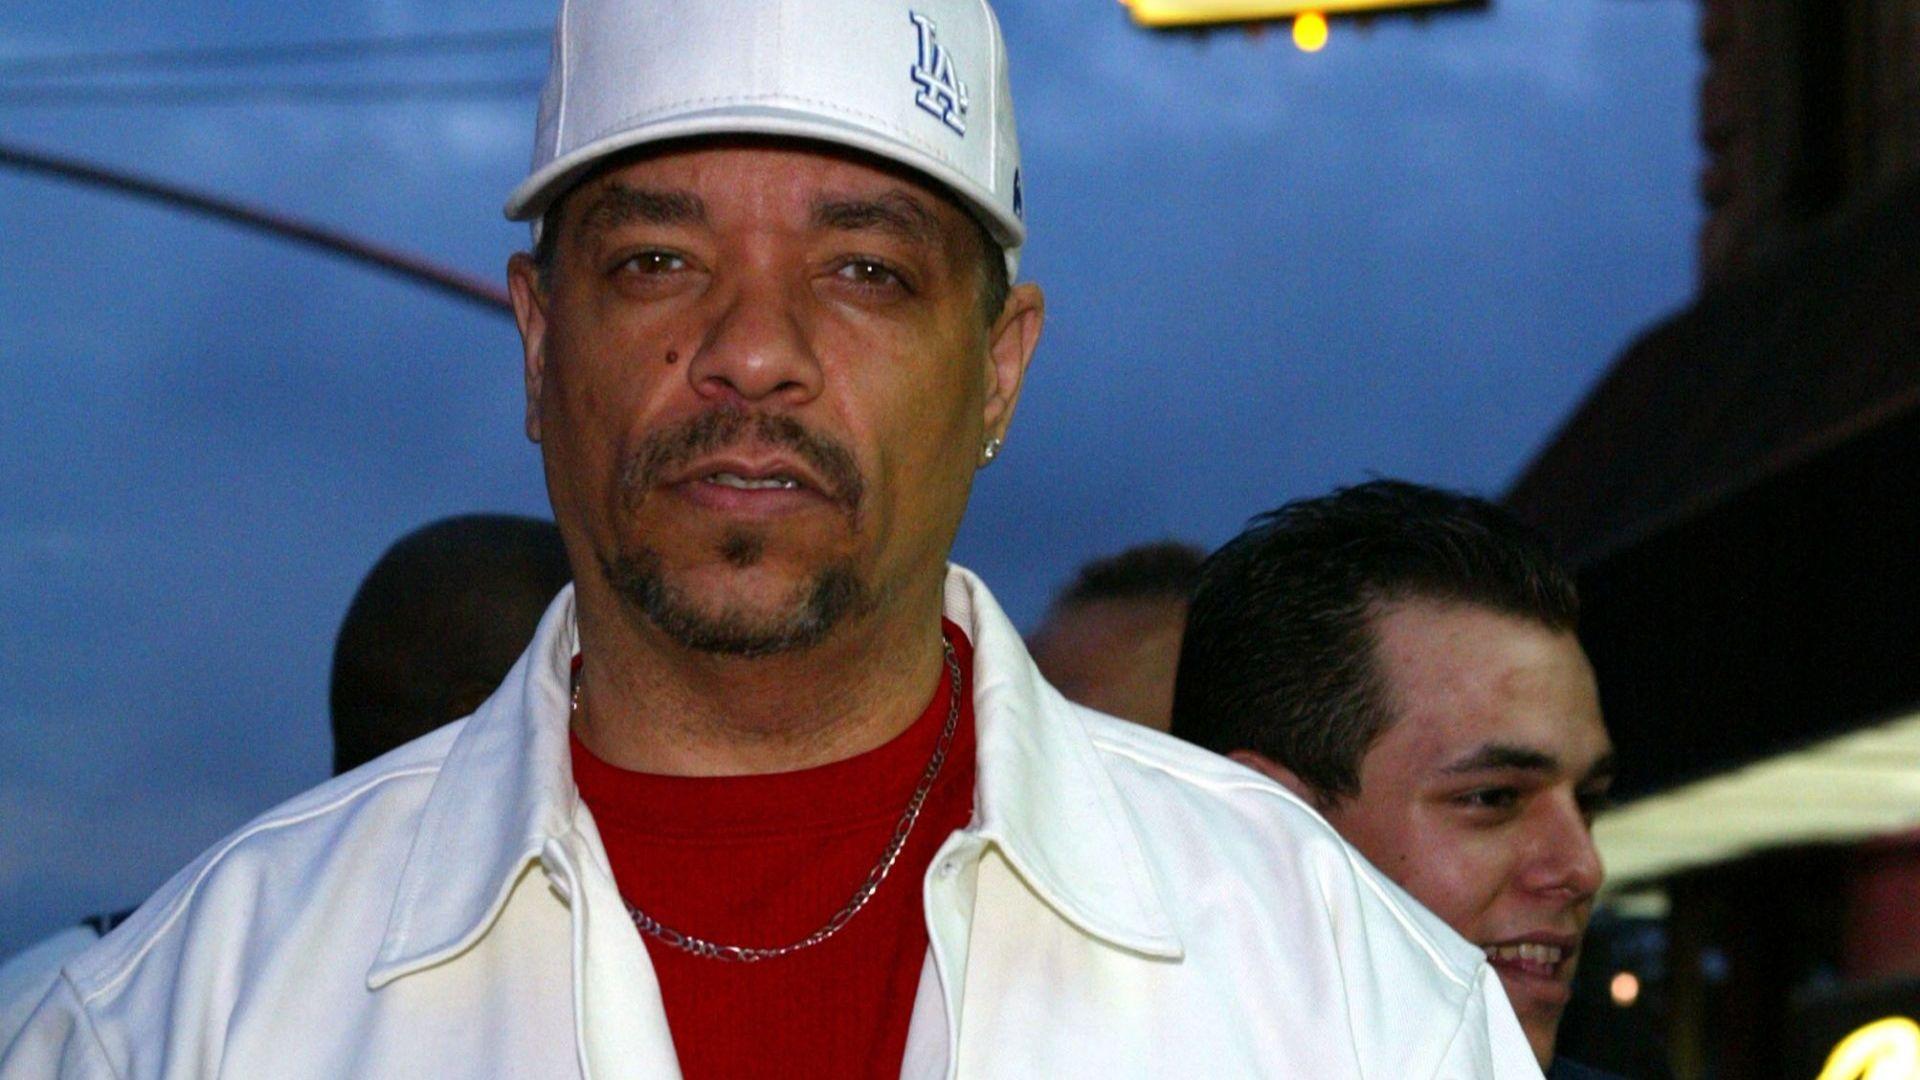 Ice T основава пенсионен фонд за възрастни рапъри